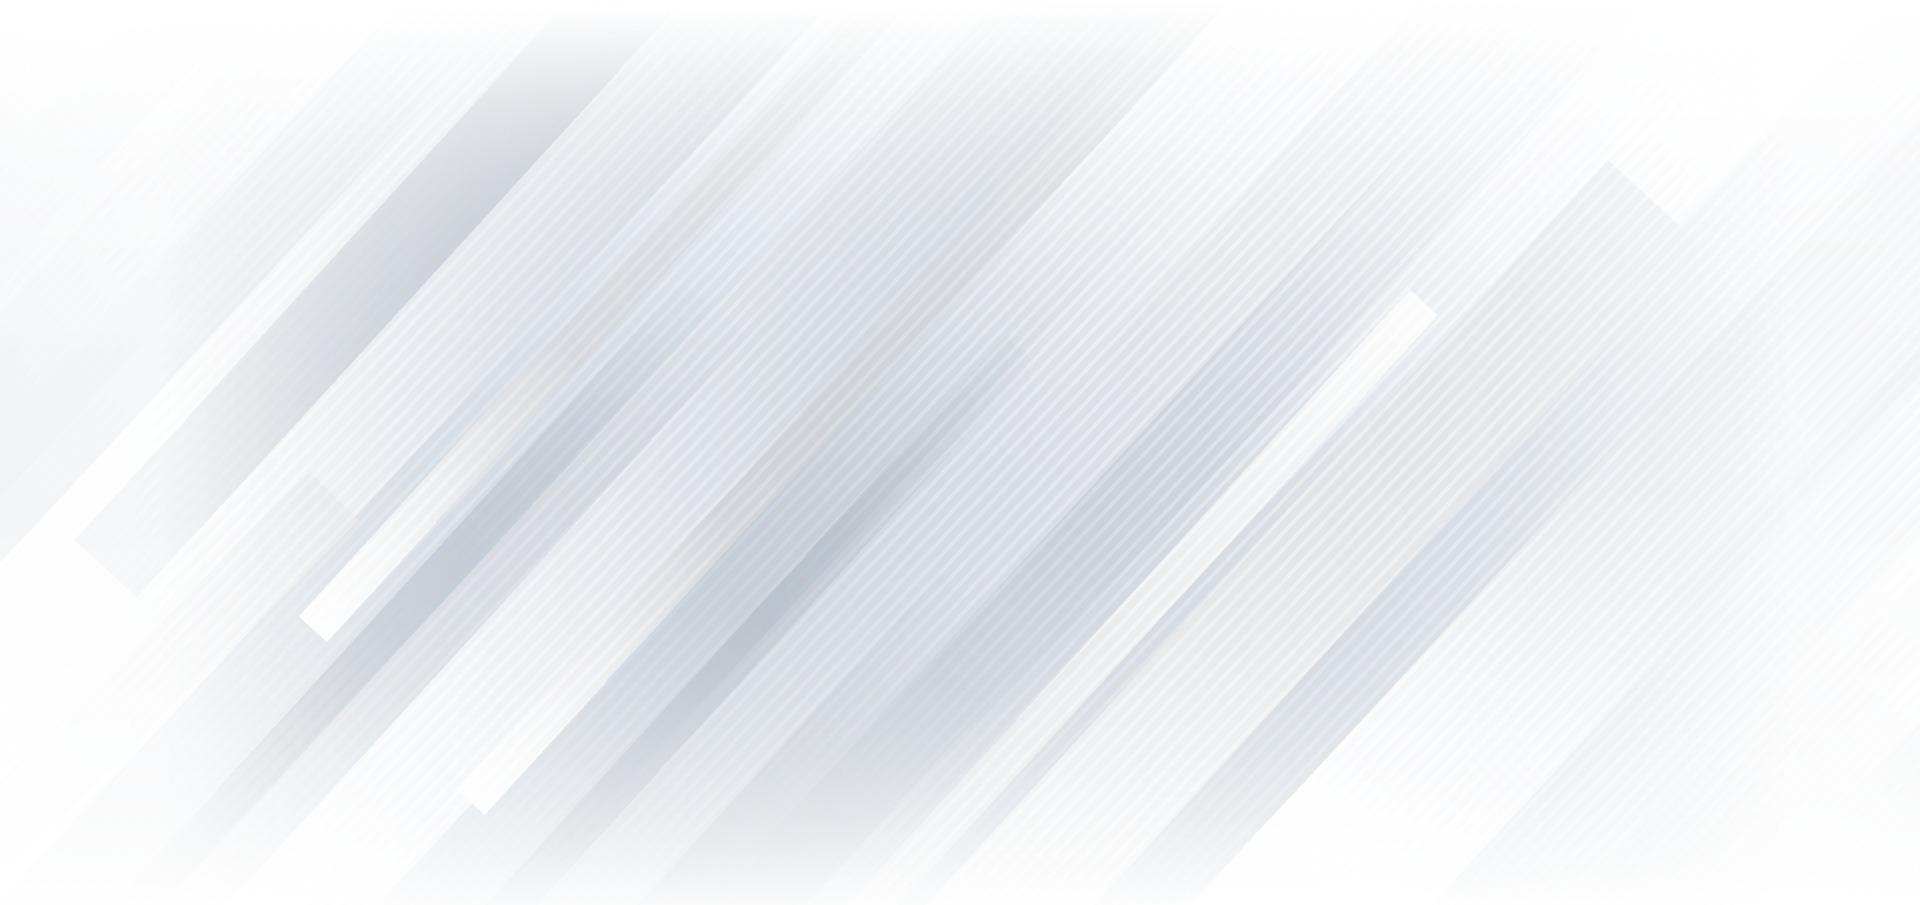 sfondo geometrico astratto linee diagonali bianche e grigie. è possibile utilizzare per la progettazione di brochure modello. poster, banner web, flyer, ecc. vettore